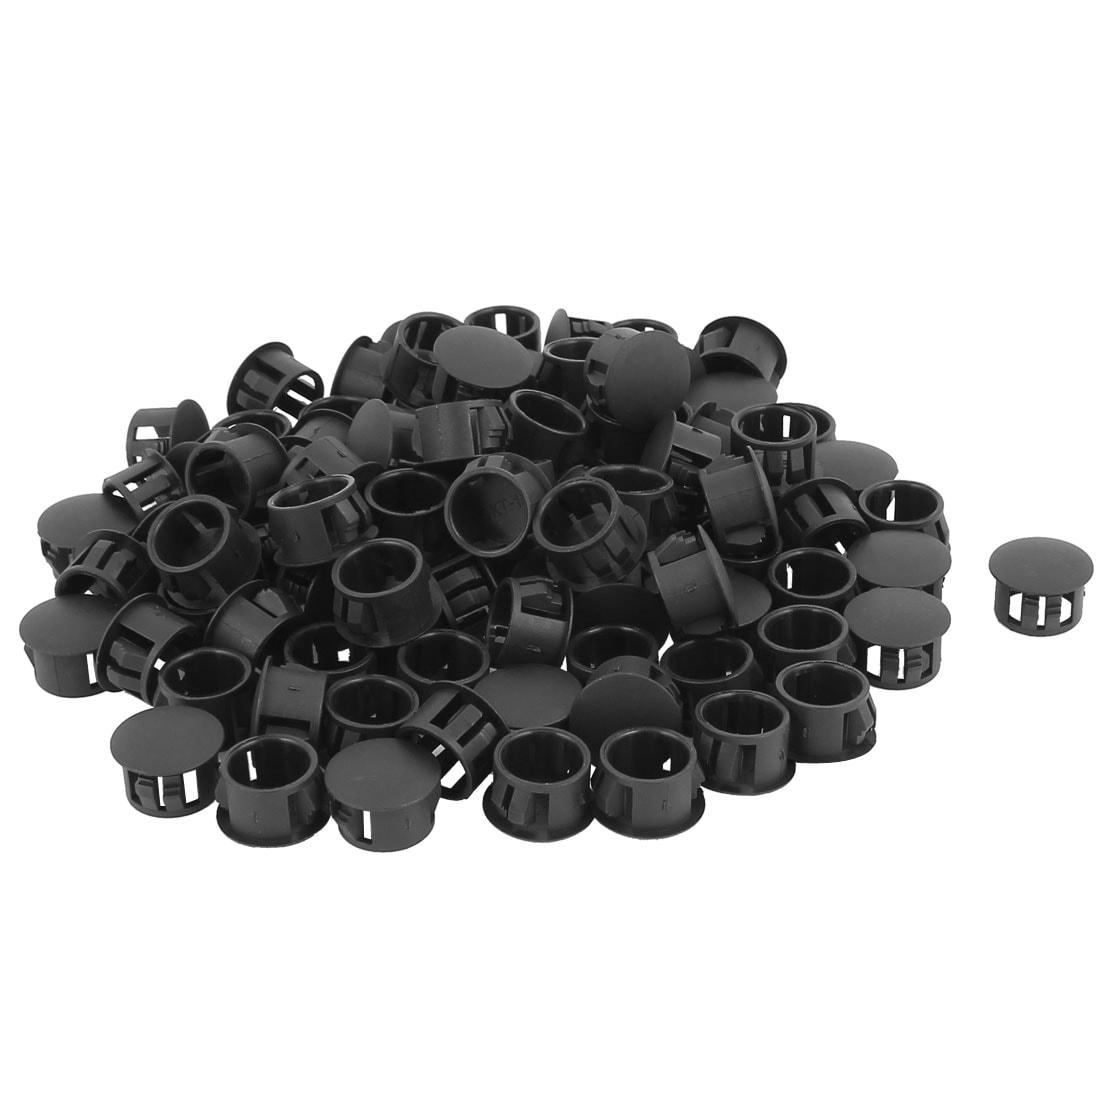 New 100pcs Inner thread plastic hole plug cover Cover screw cap